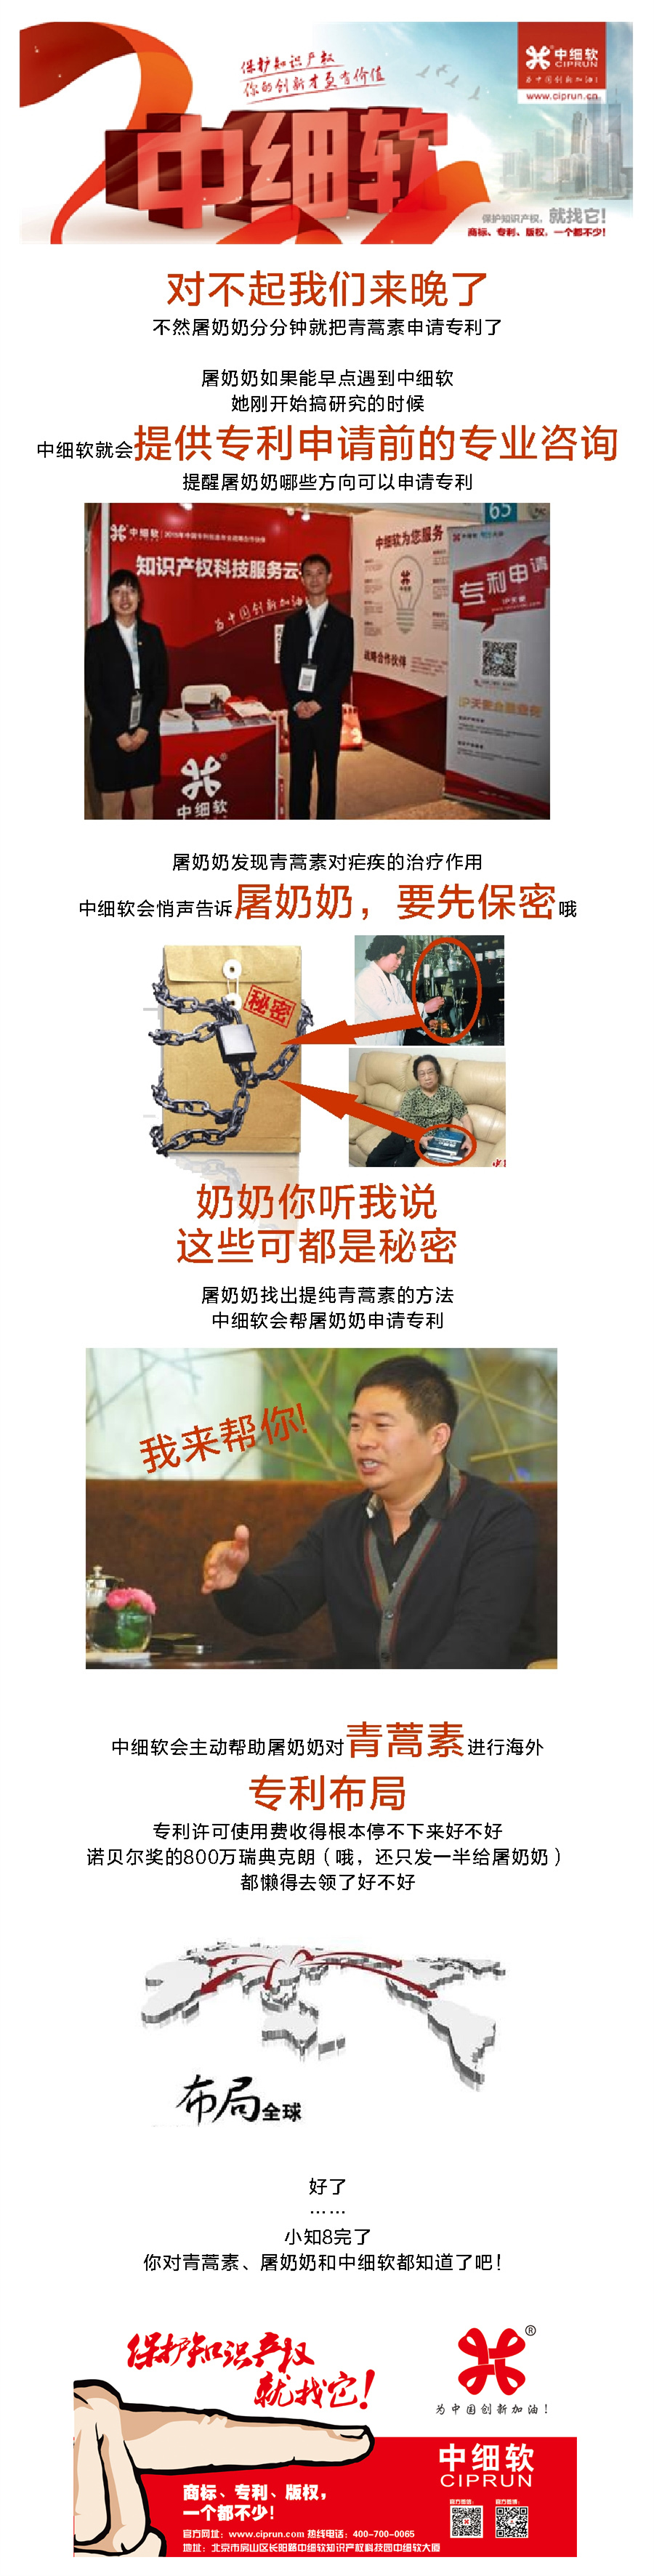 屠呦呦为什么不申请青蒿素专利